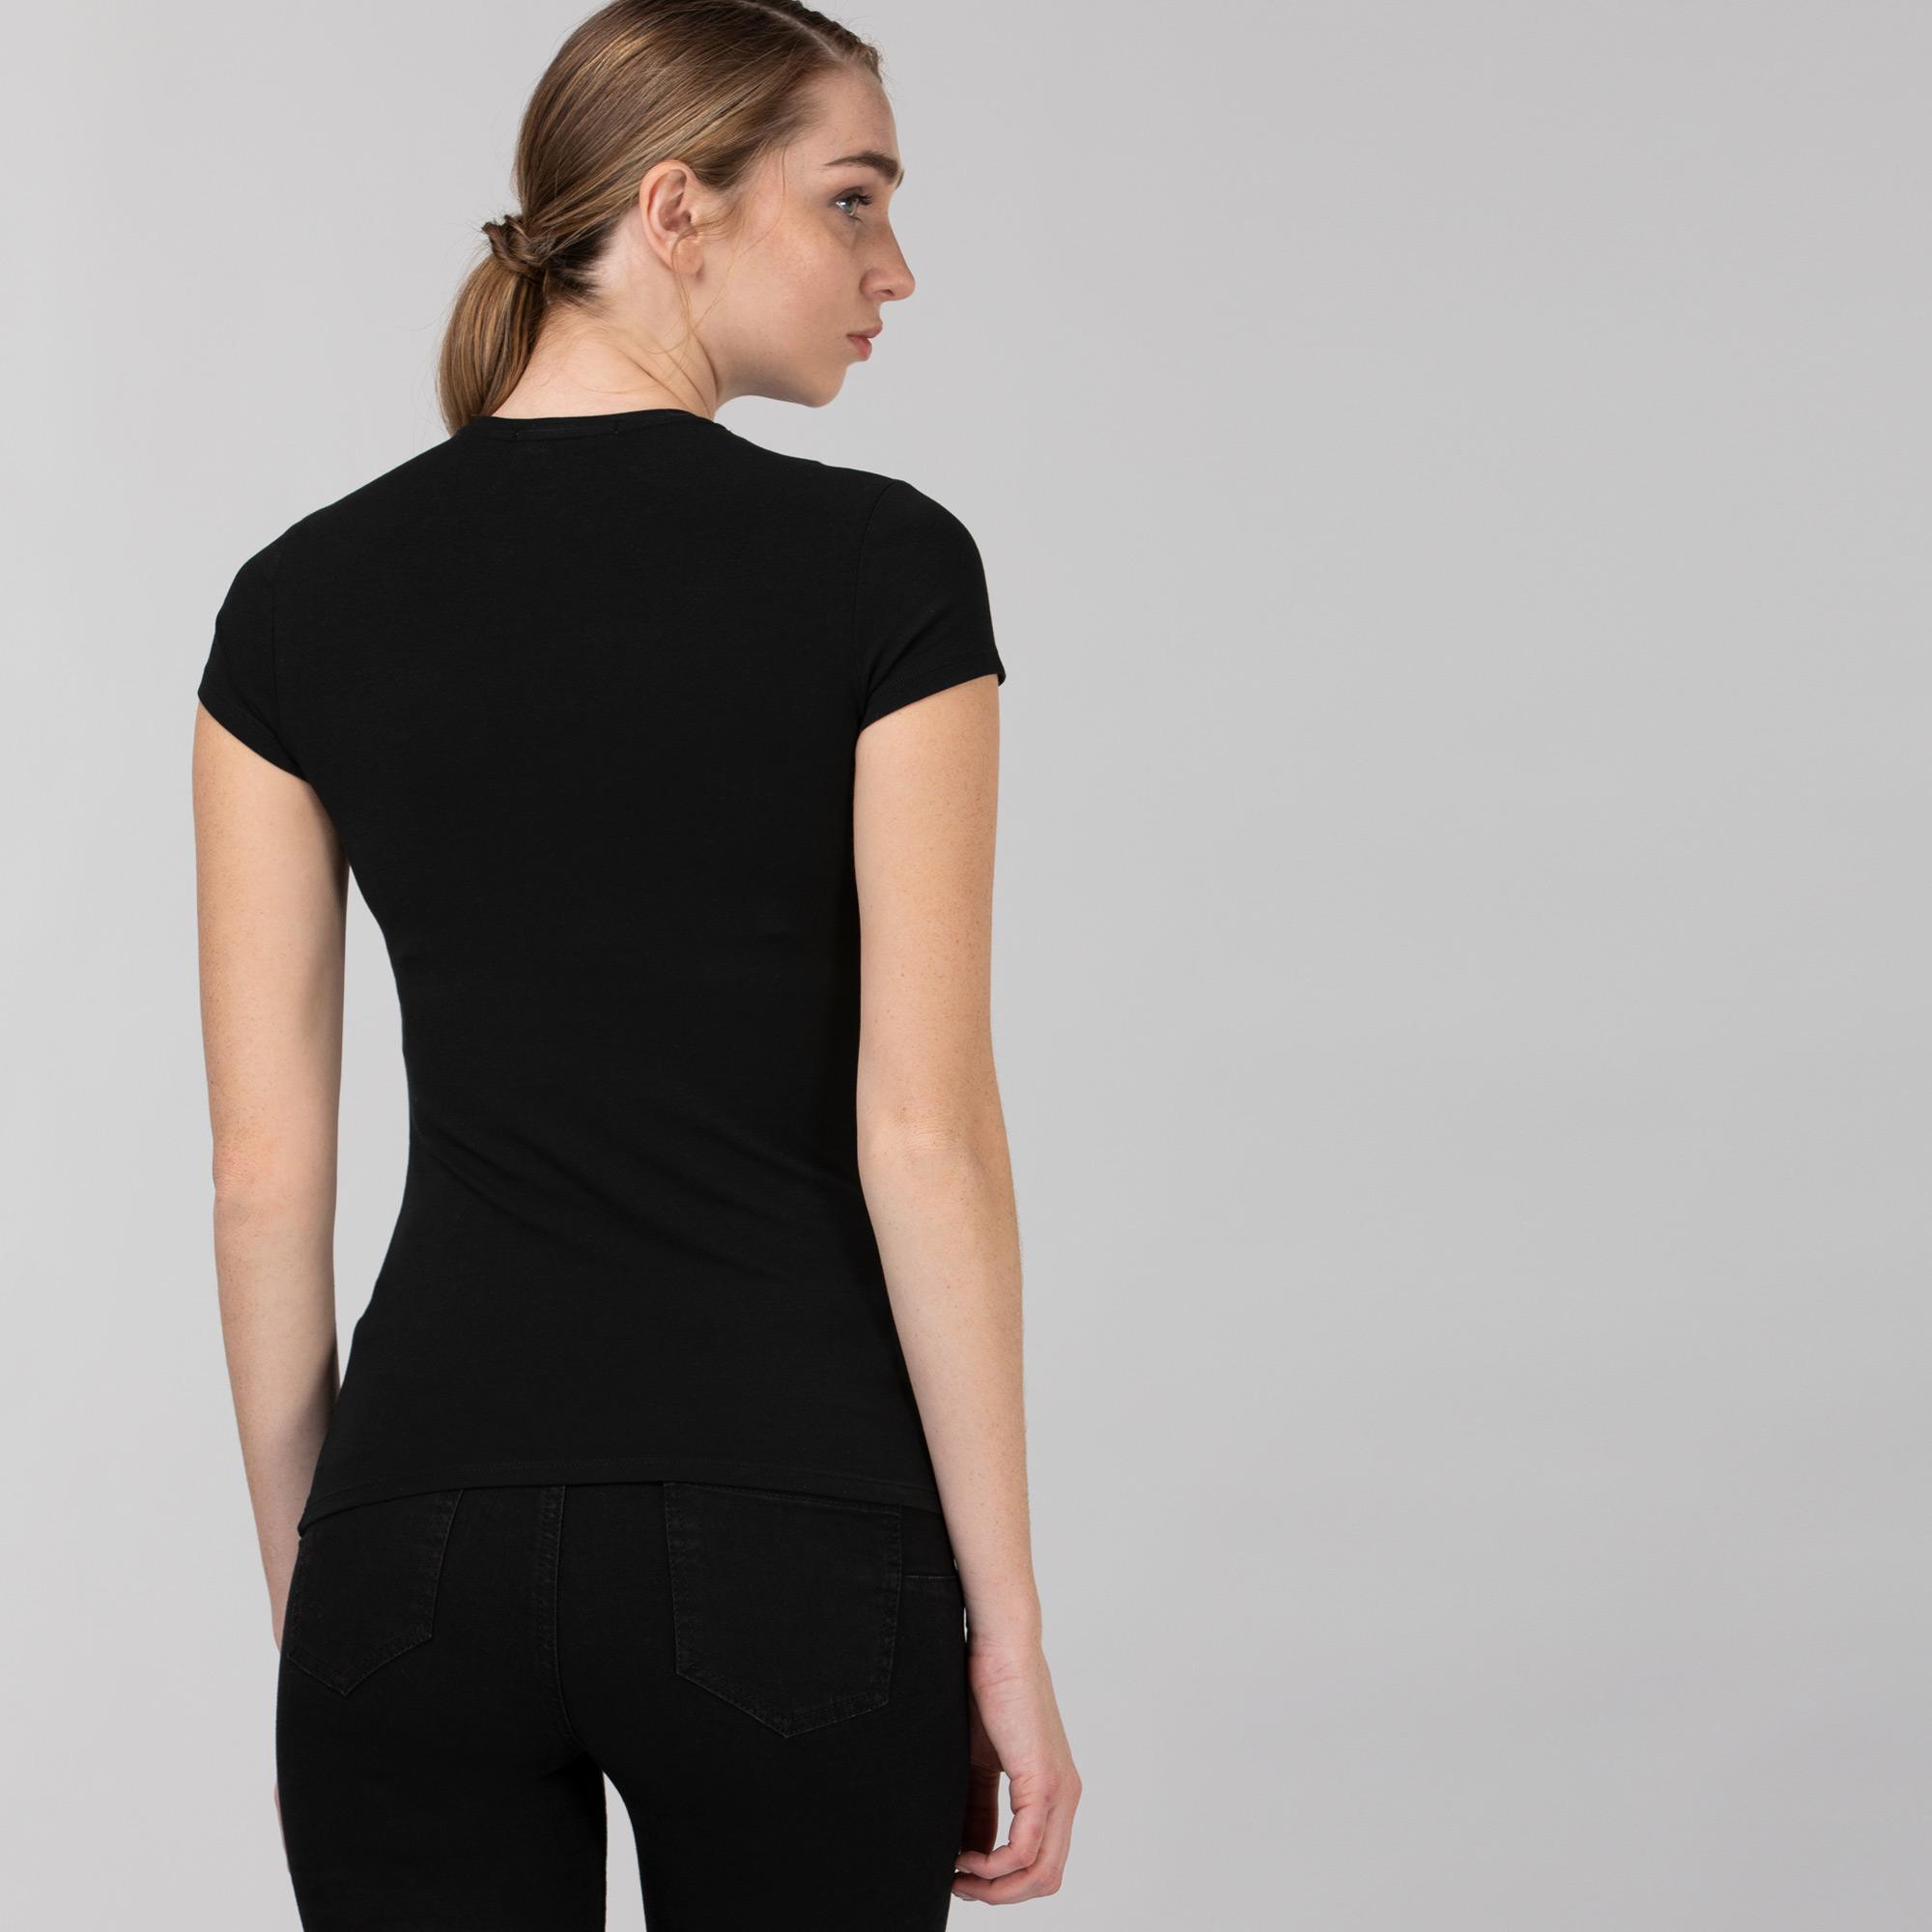 Lacoste Kadın Bisiklet Yaka Siyah T-Shirt